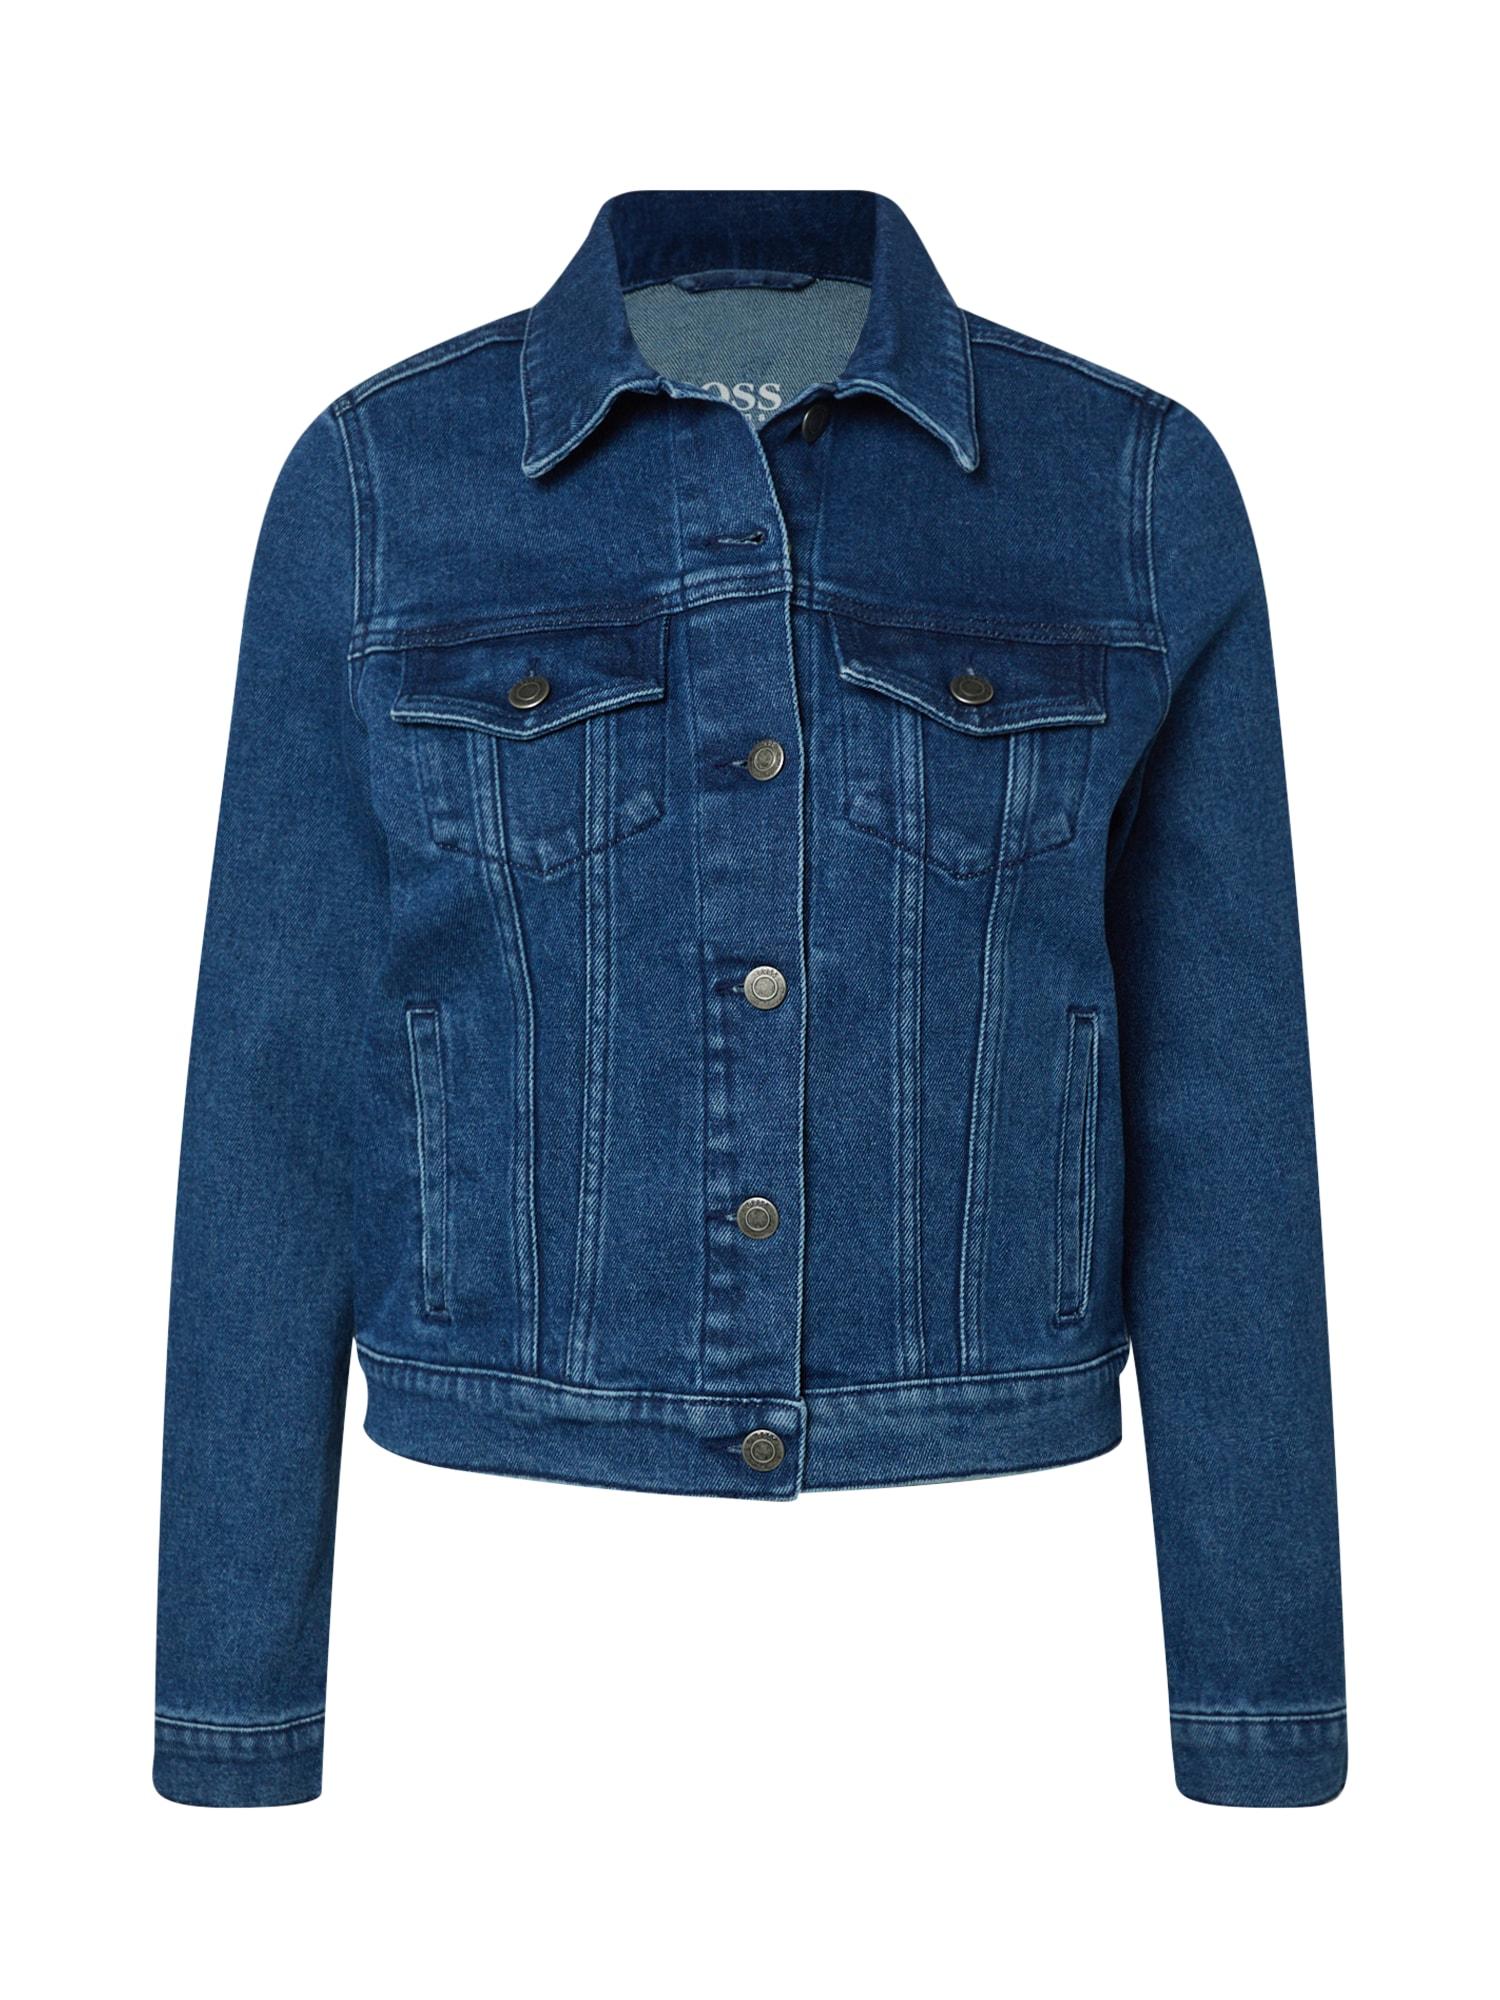 BOSS Demisezoninė striukė 'J90 Compton' tamsiai (džinso) mėlyna